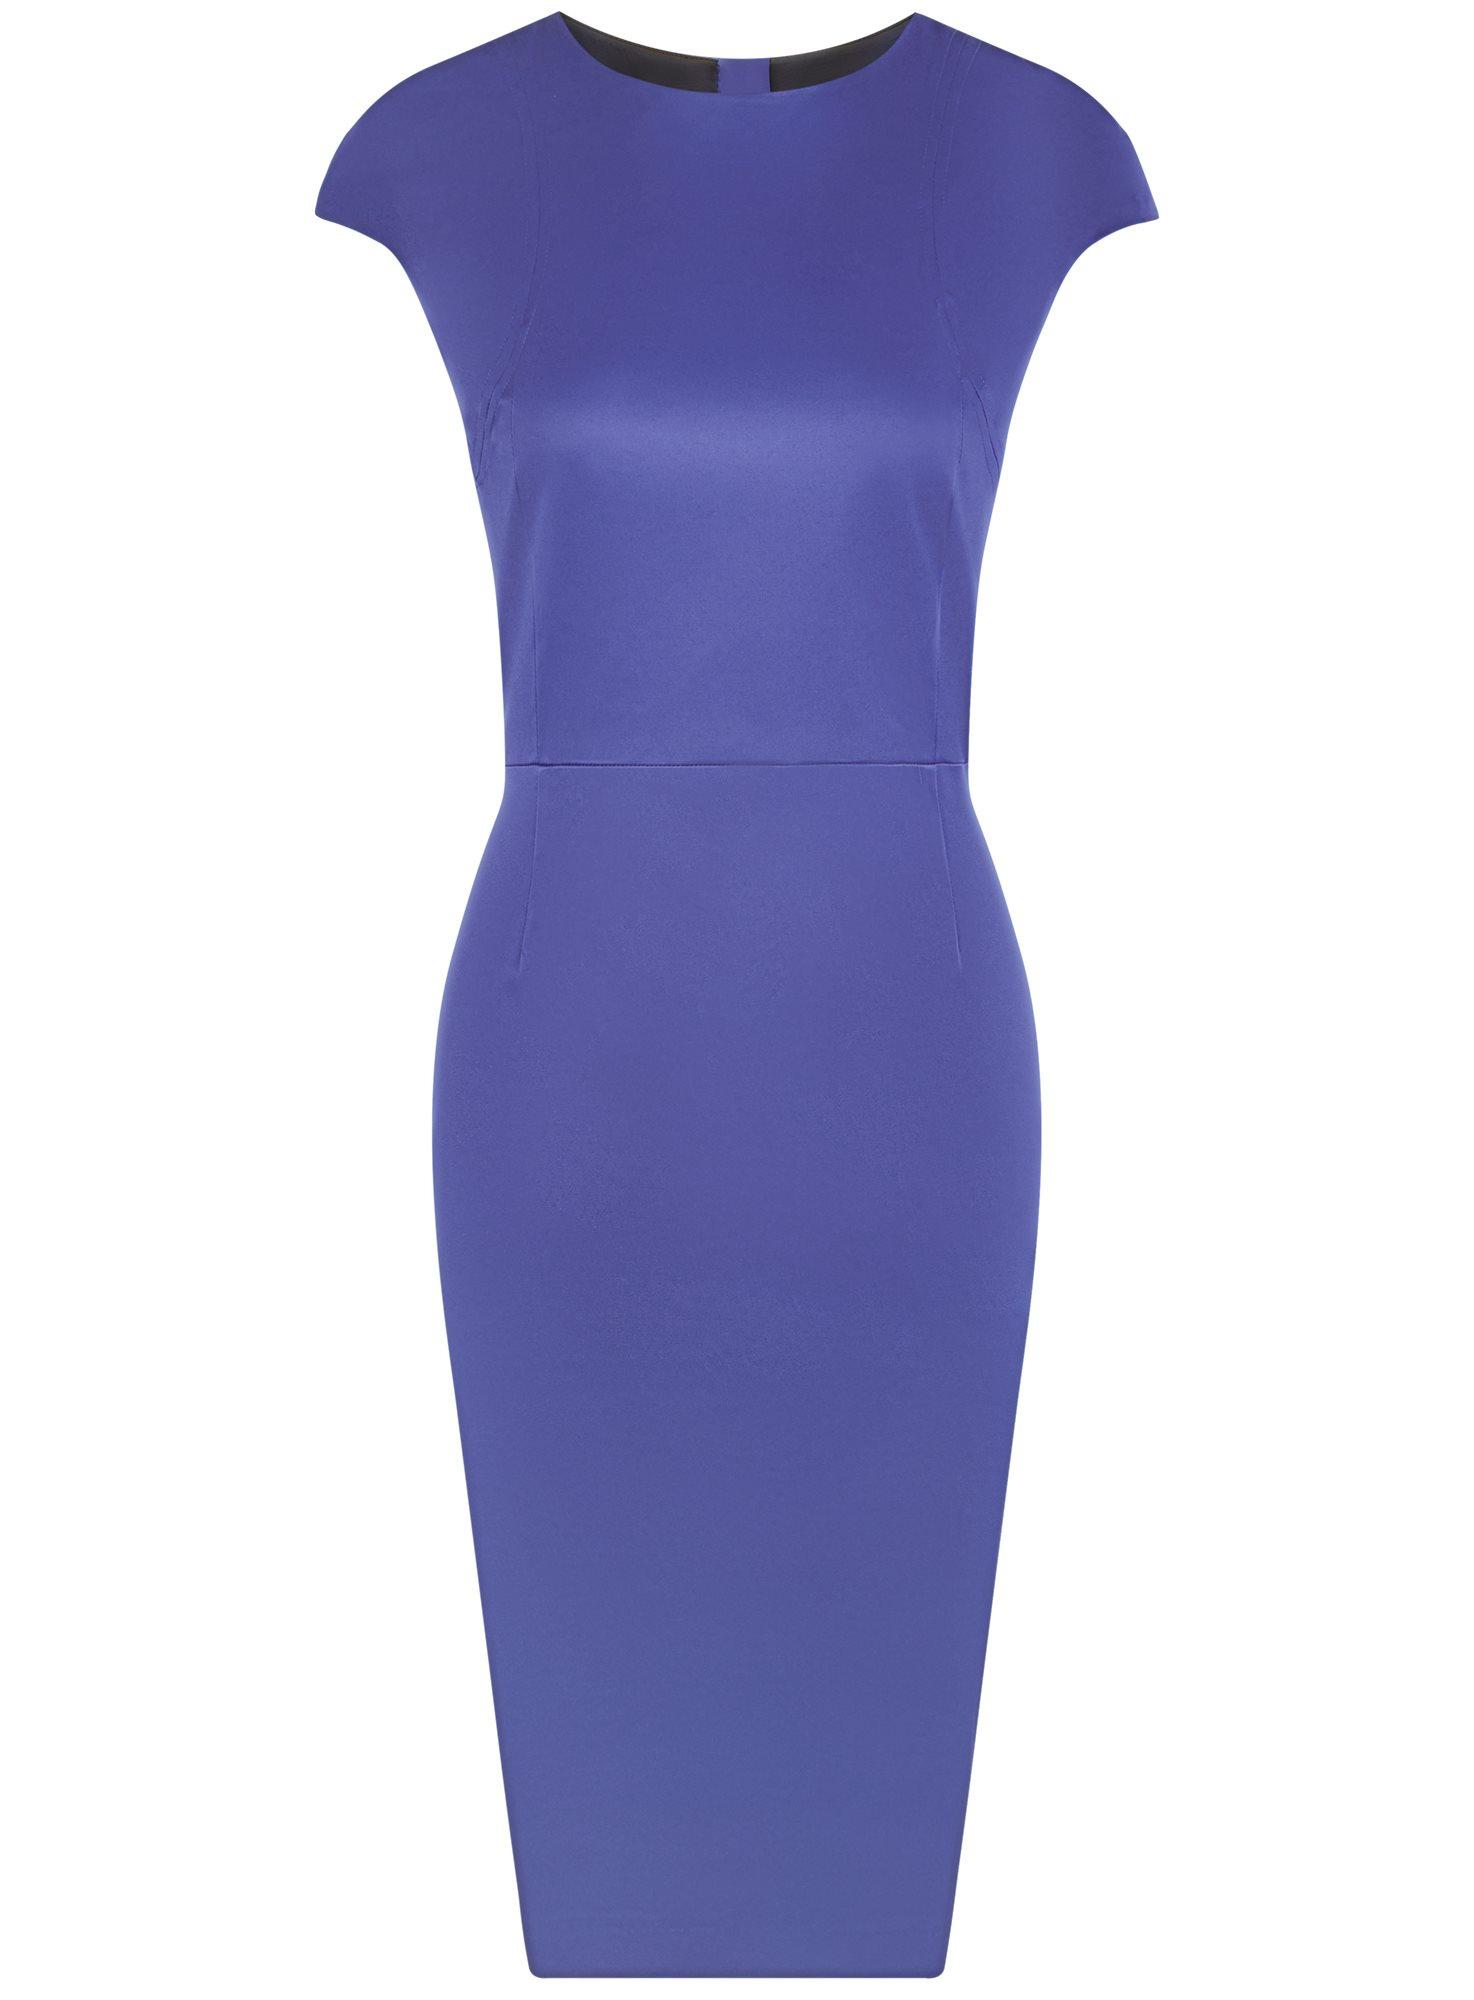 Платье-футляр с вырезом-лодочкой oodji для женщины (синий), 11902163-1/32700/7500N